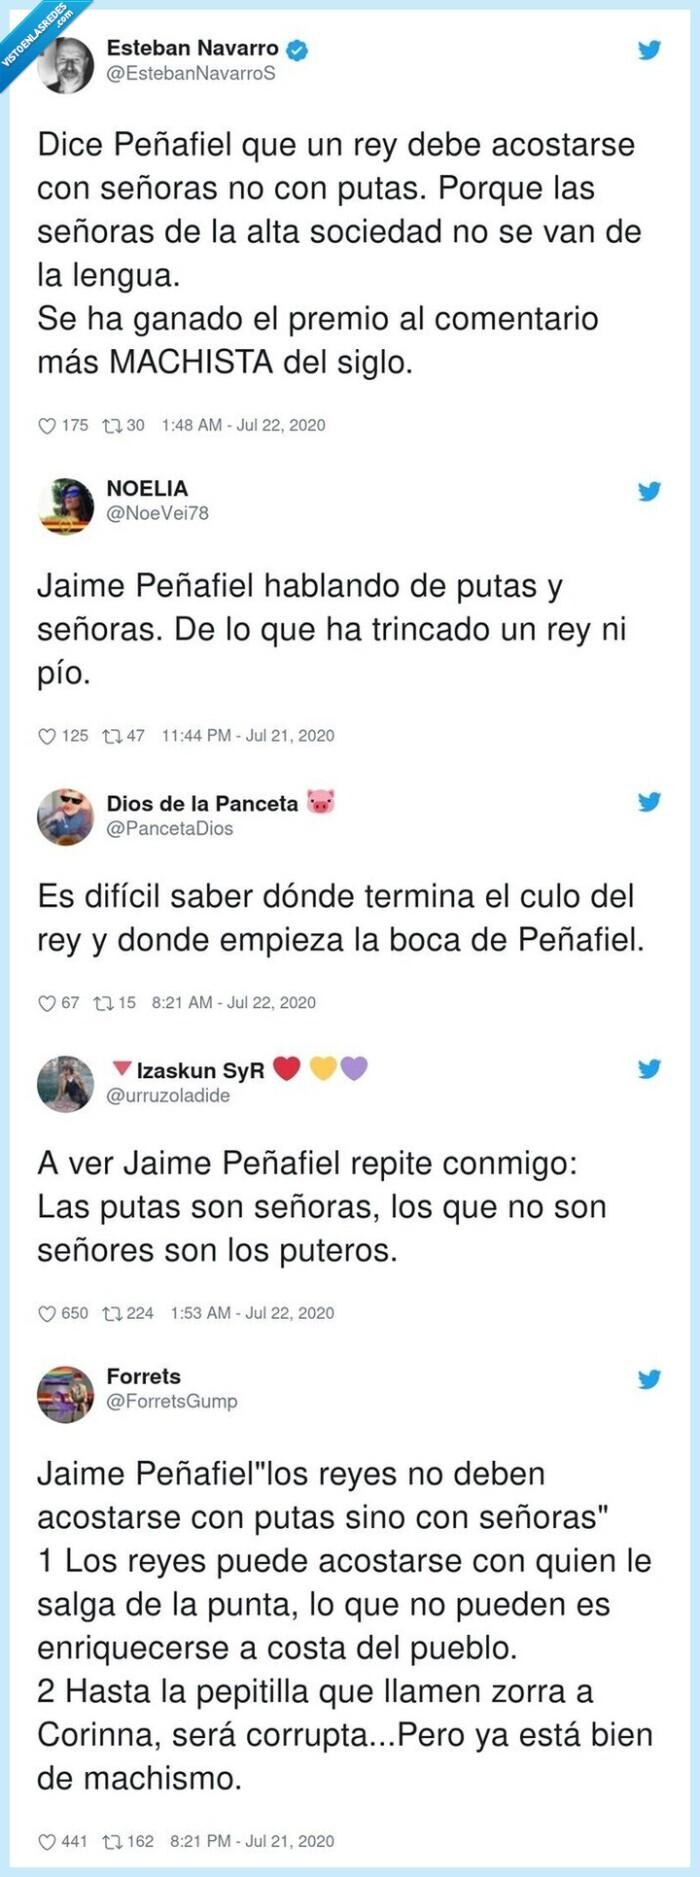 636889 - Peñafiel se corona con el comentario machista de la semana sobre los escándalos sexuales del Rey emérito y Twitter lo pone a caldo